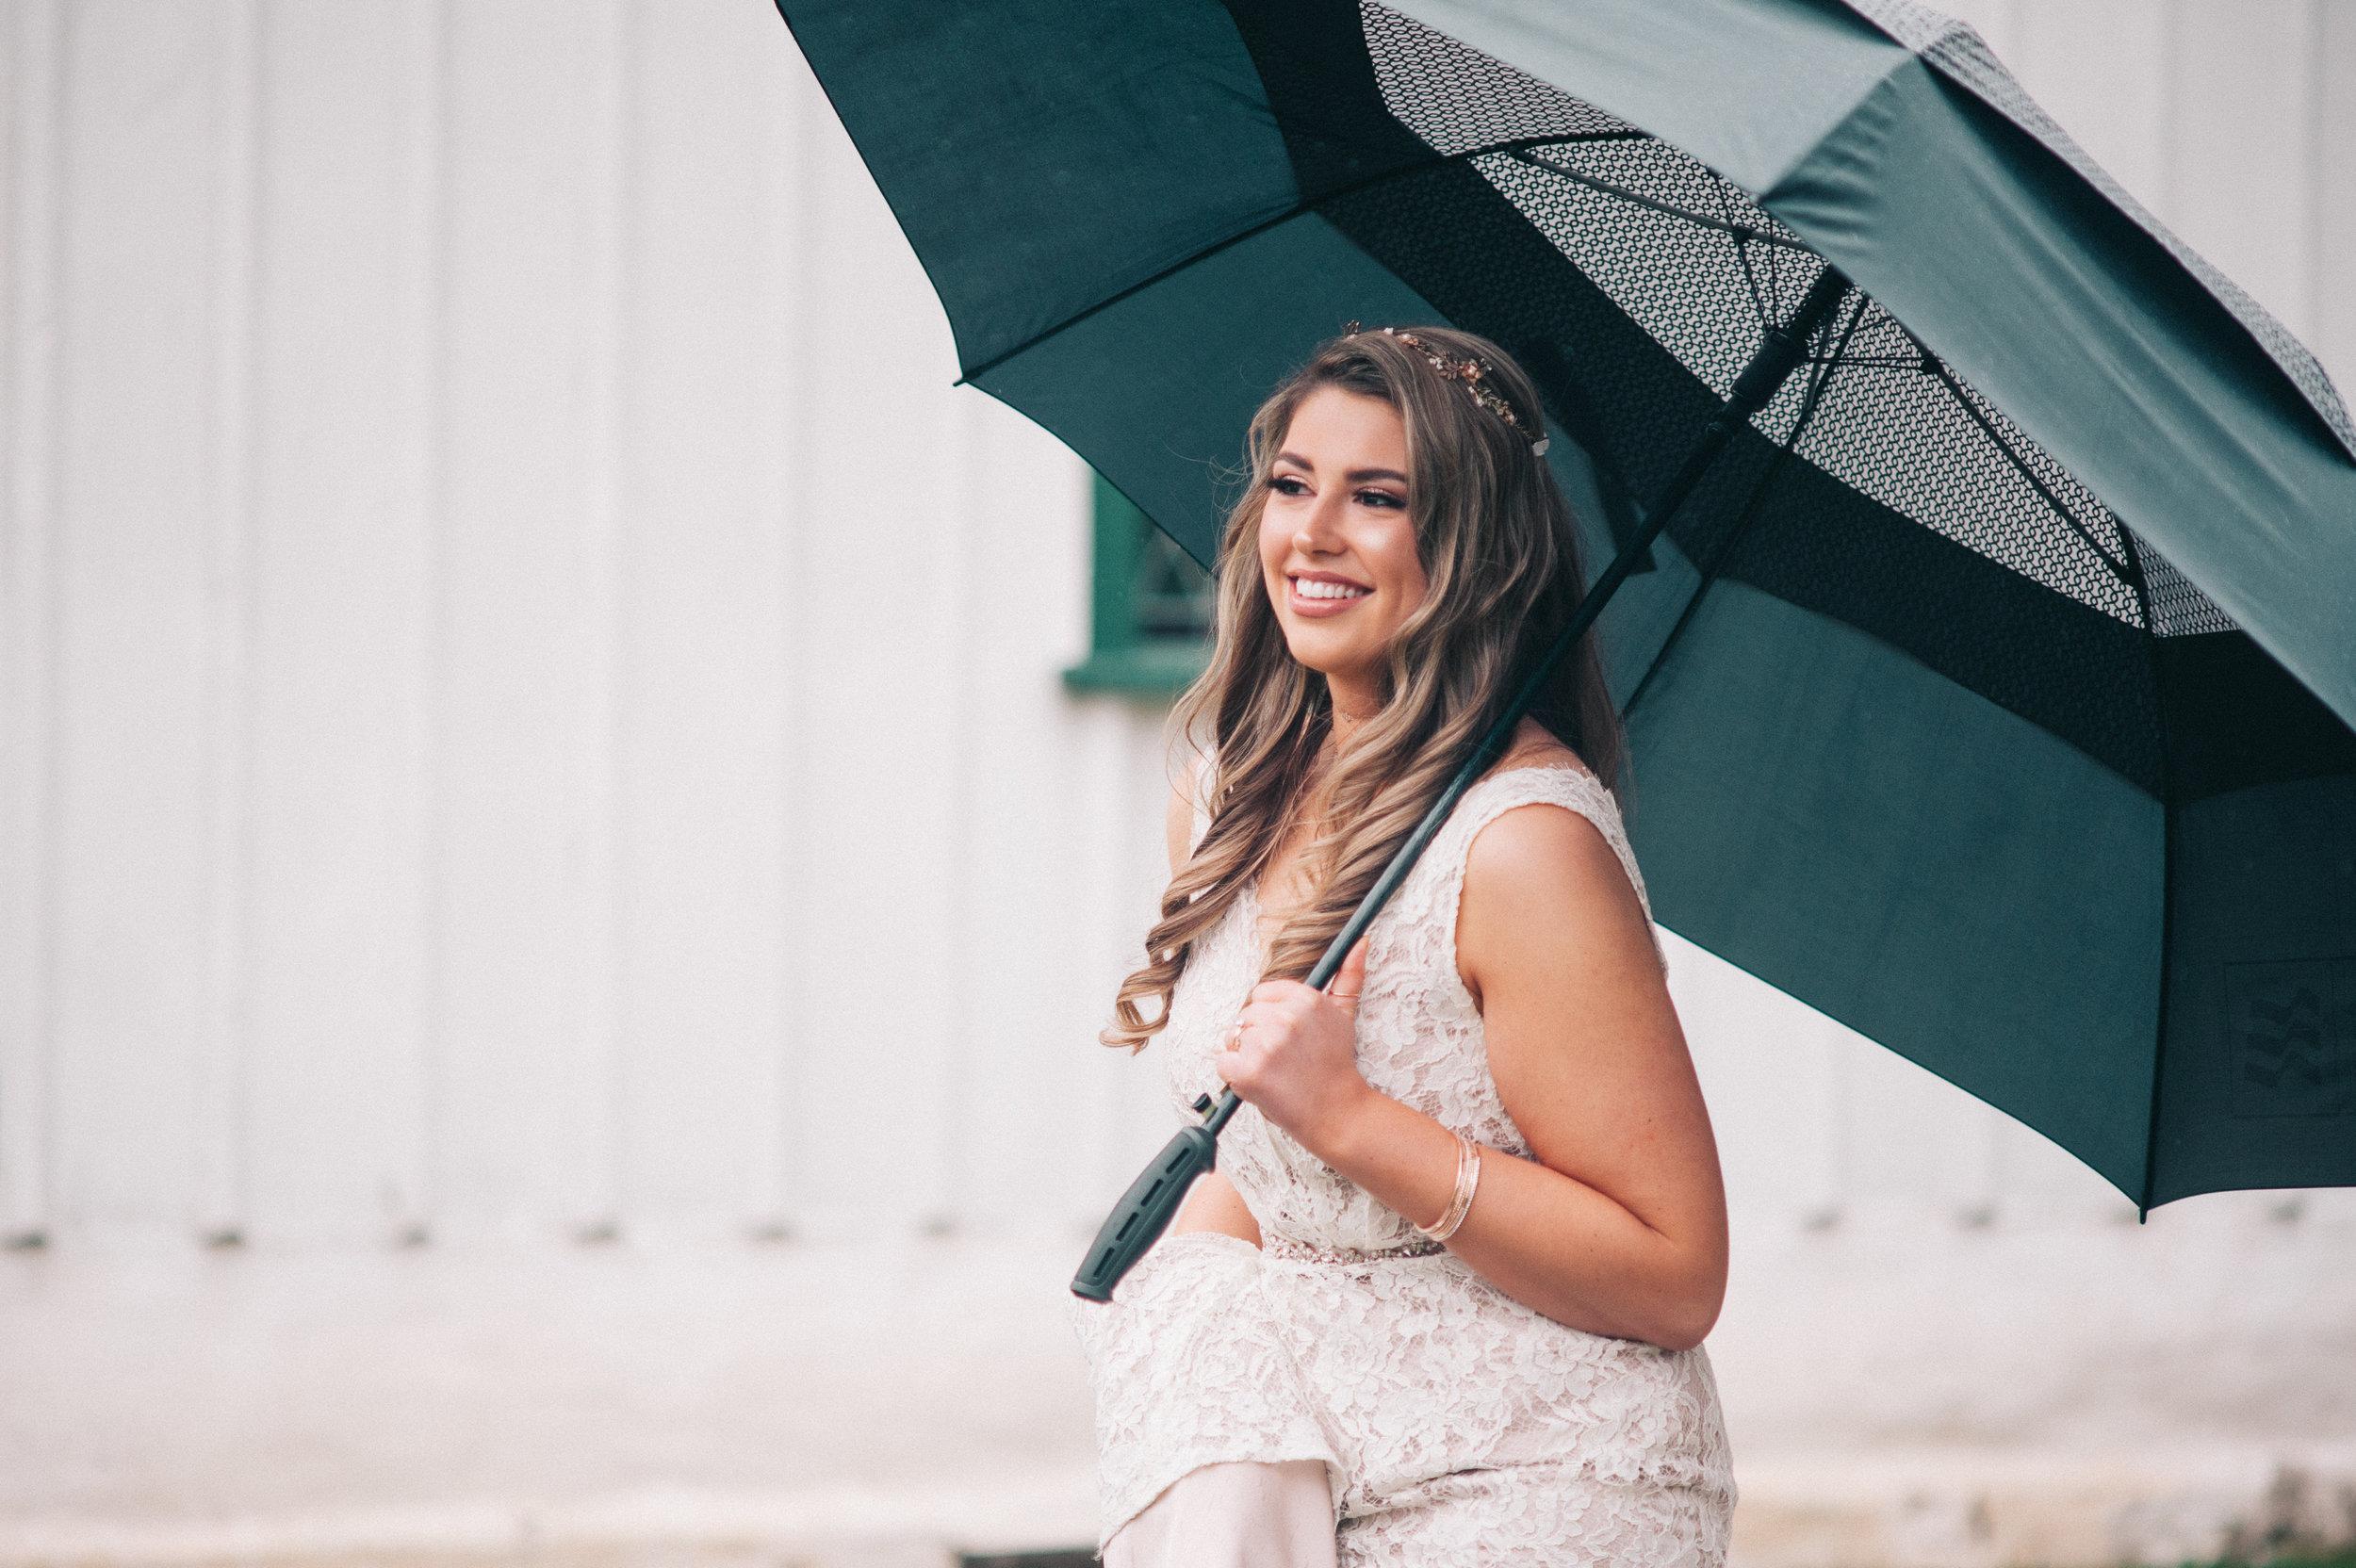 Such a stunning bride!